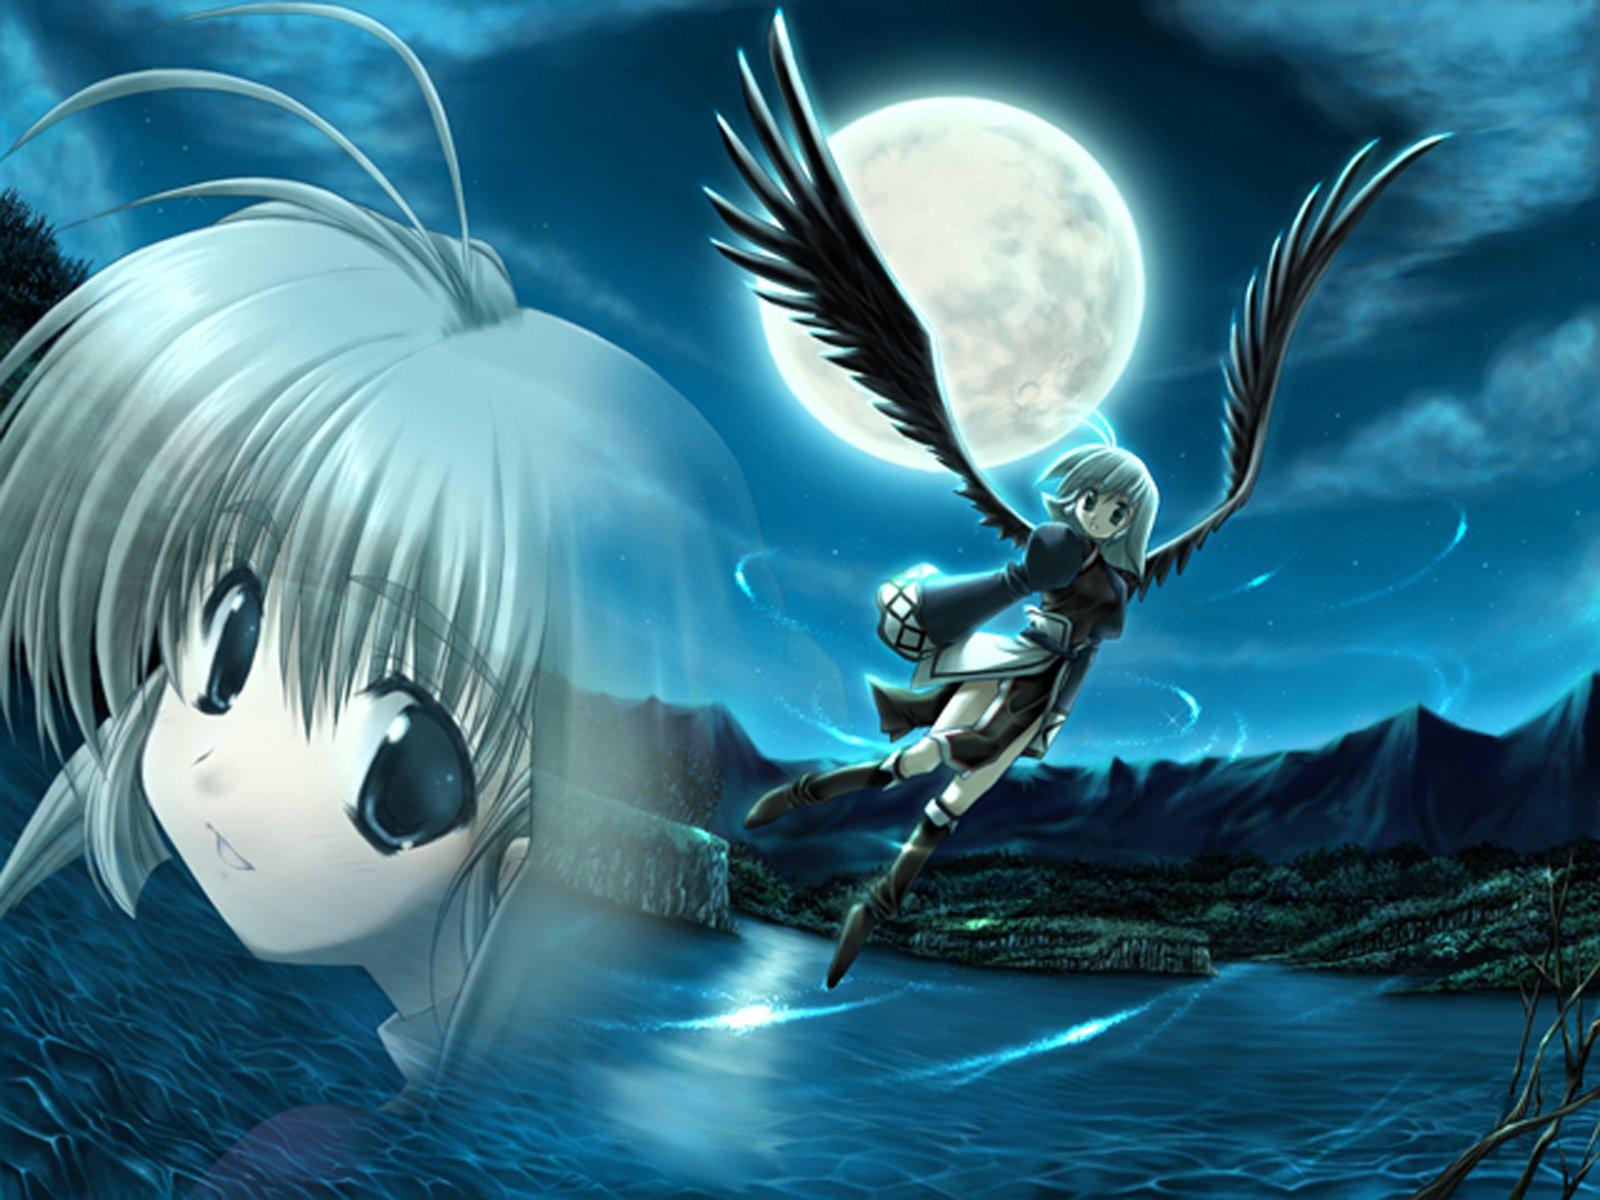 Angels utawarerumono anime girls wallpaper background - Anime 1600x1200 ...